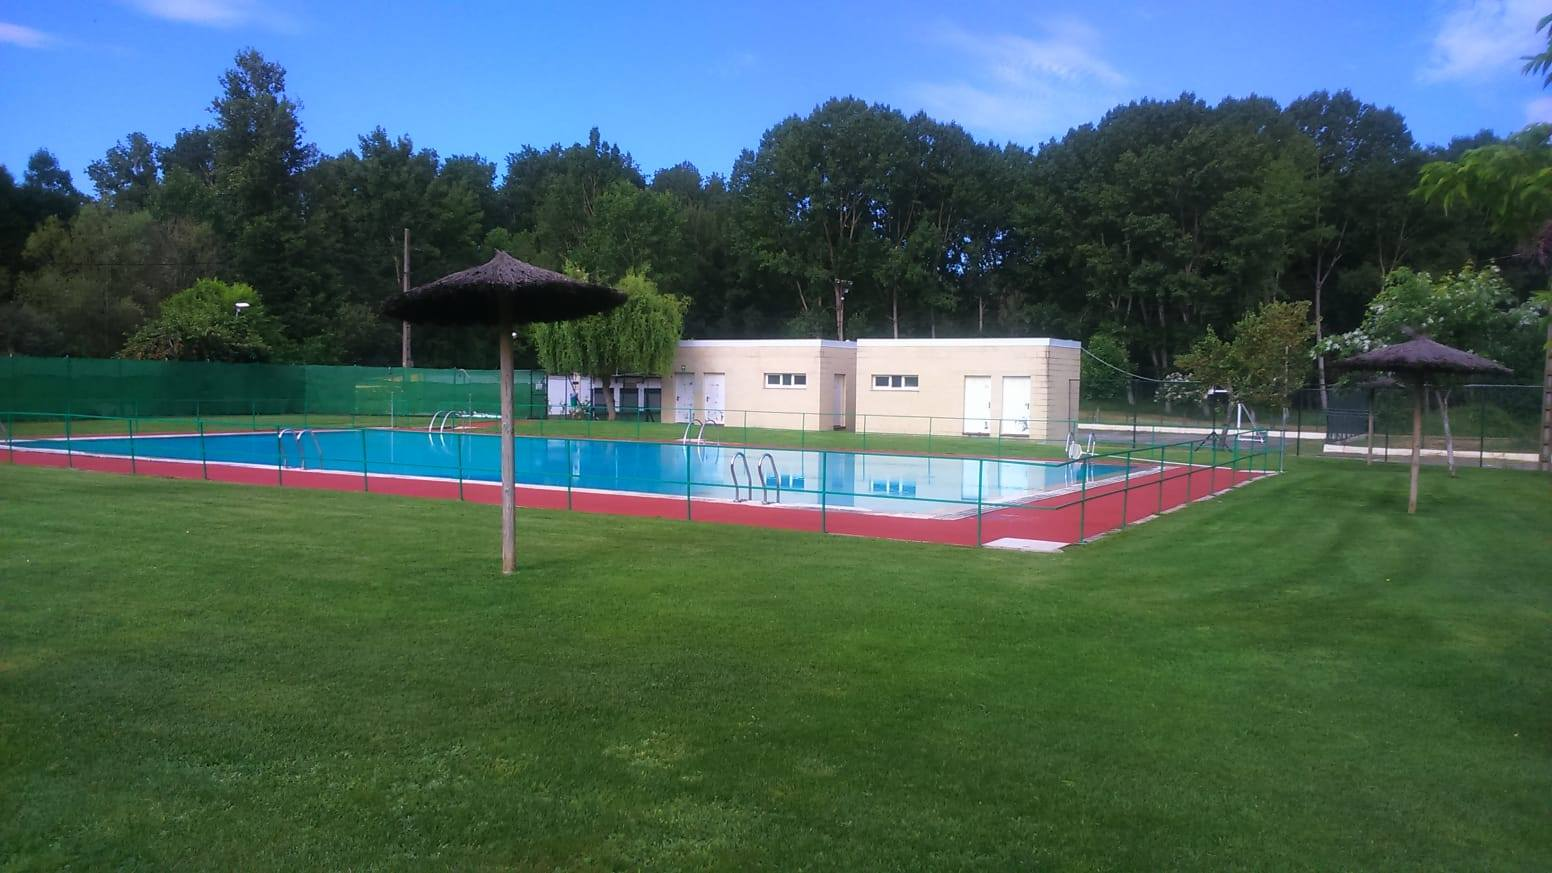 Especial piscinas que no te puedes perder en El Bierzo este verano 1